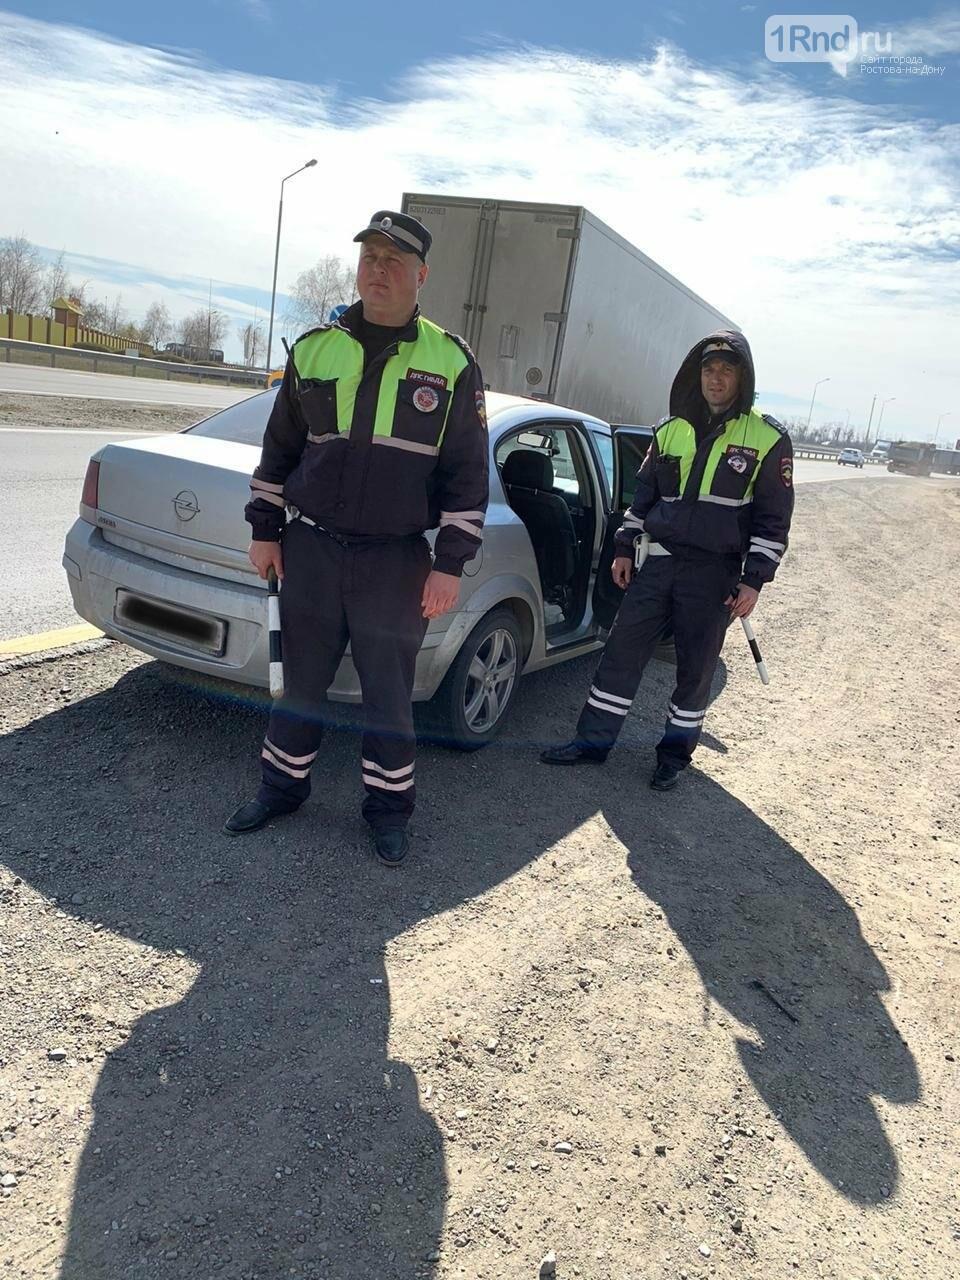 Под Ростовом полиция задержала москвича с двумя килограммами наркотиков, фото-1